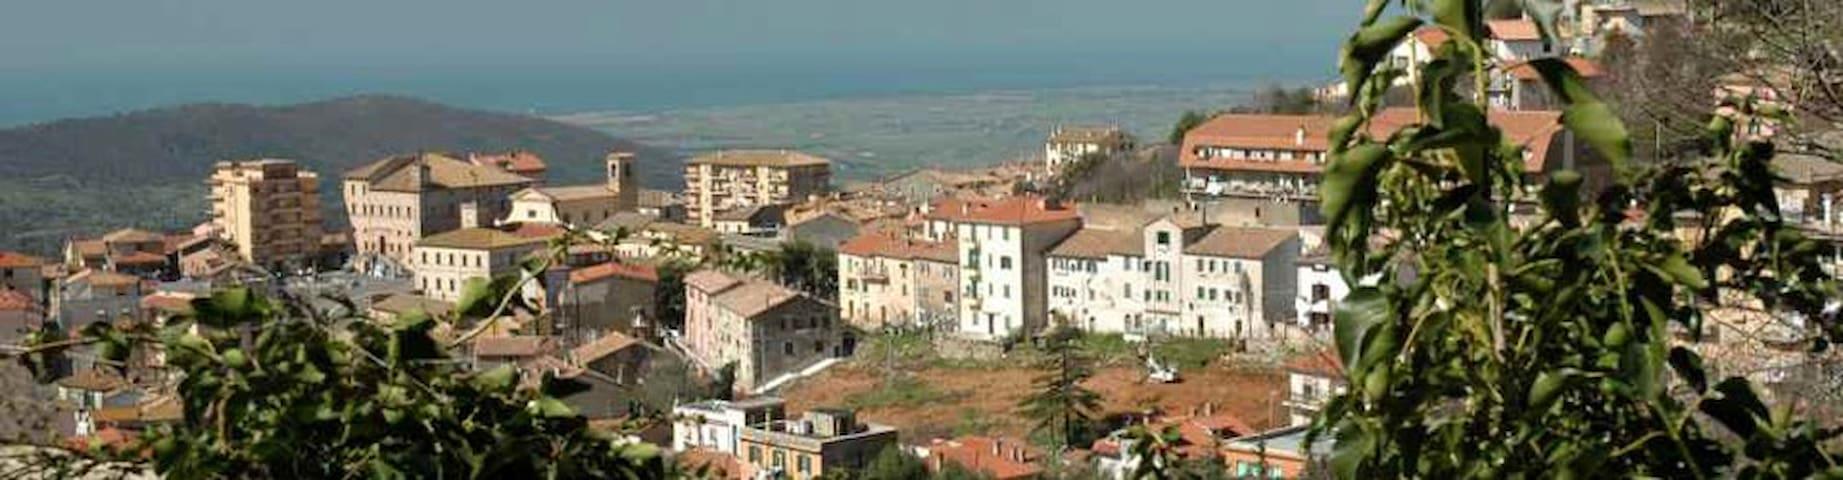 stanza relax mare & monti:)) - Allumiere - Wohnung